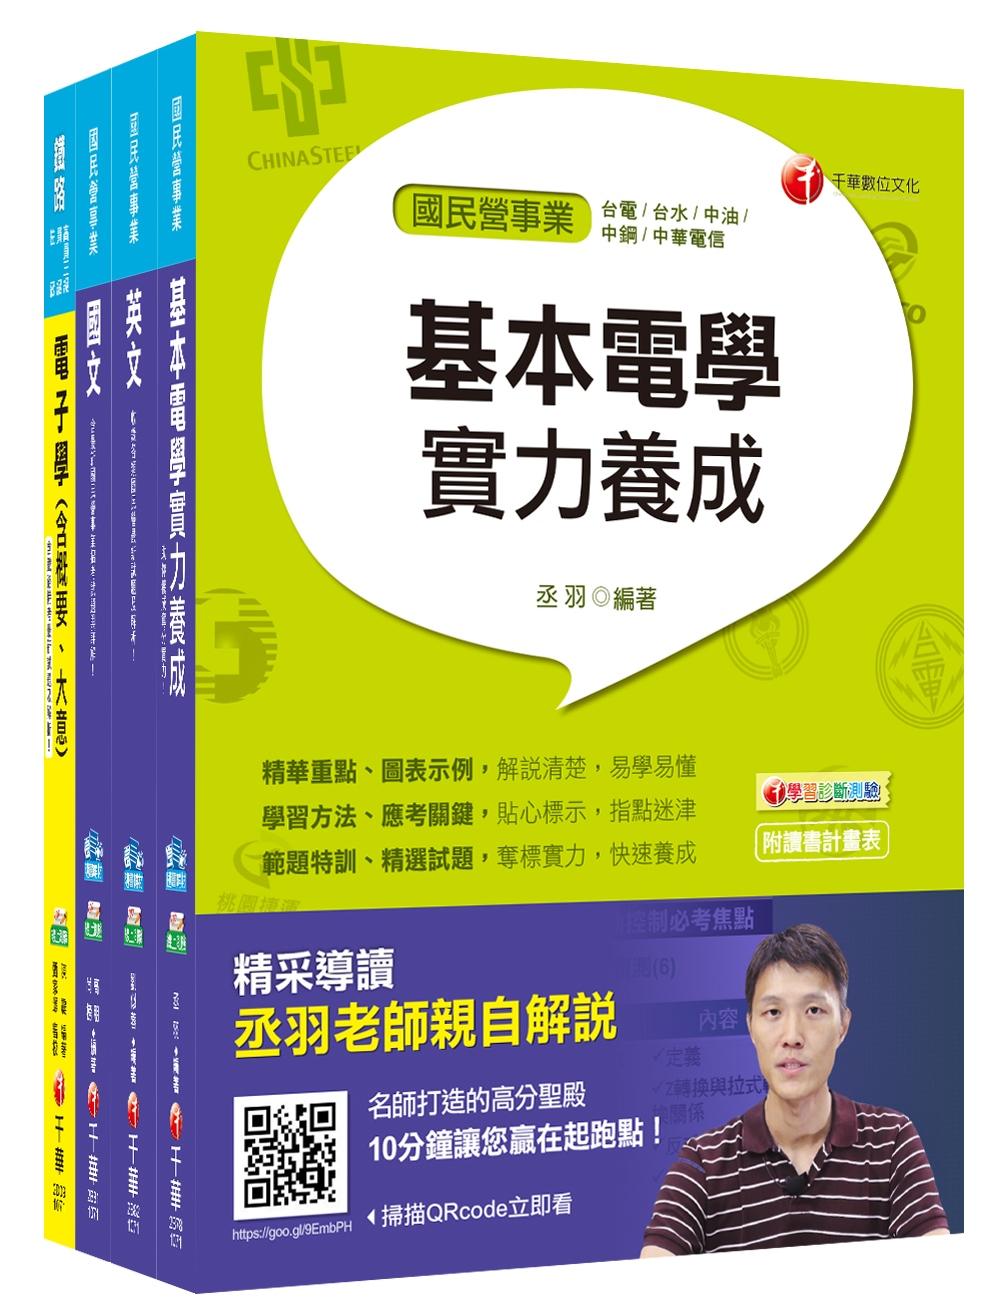 107年【儀電運轉維護類】台電第二次新進雇用人員課文版套書